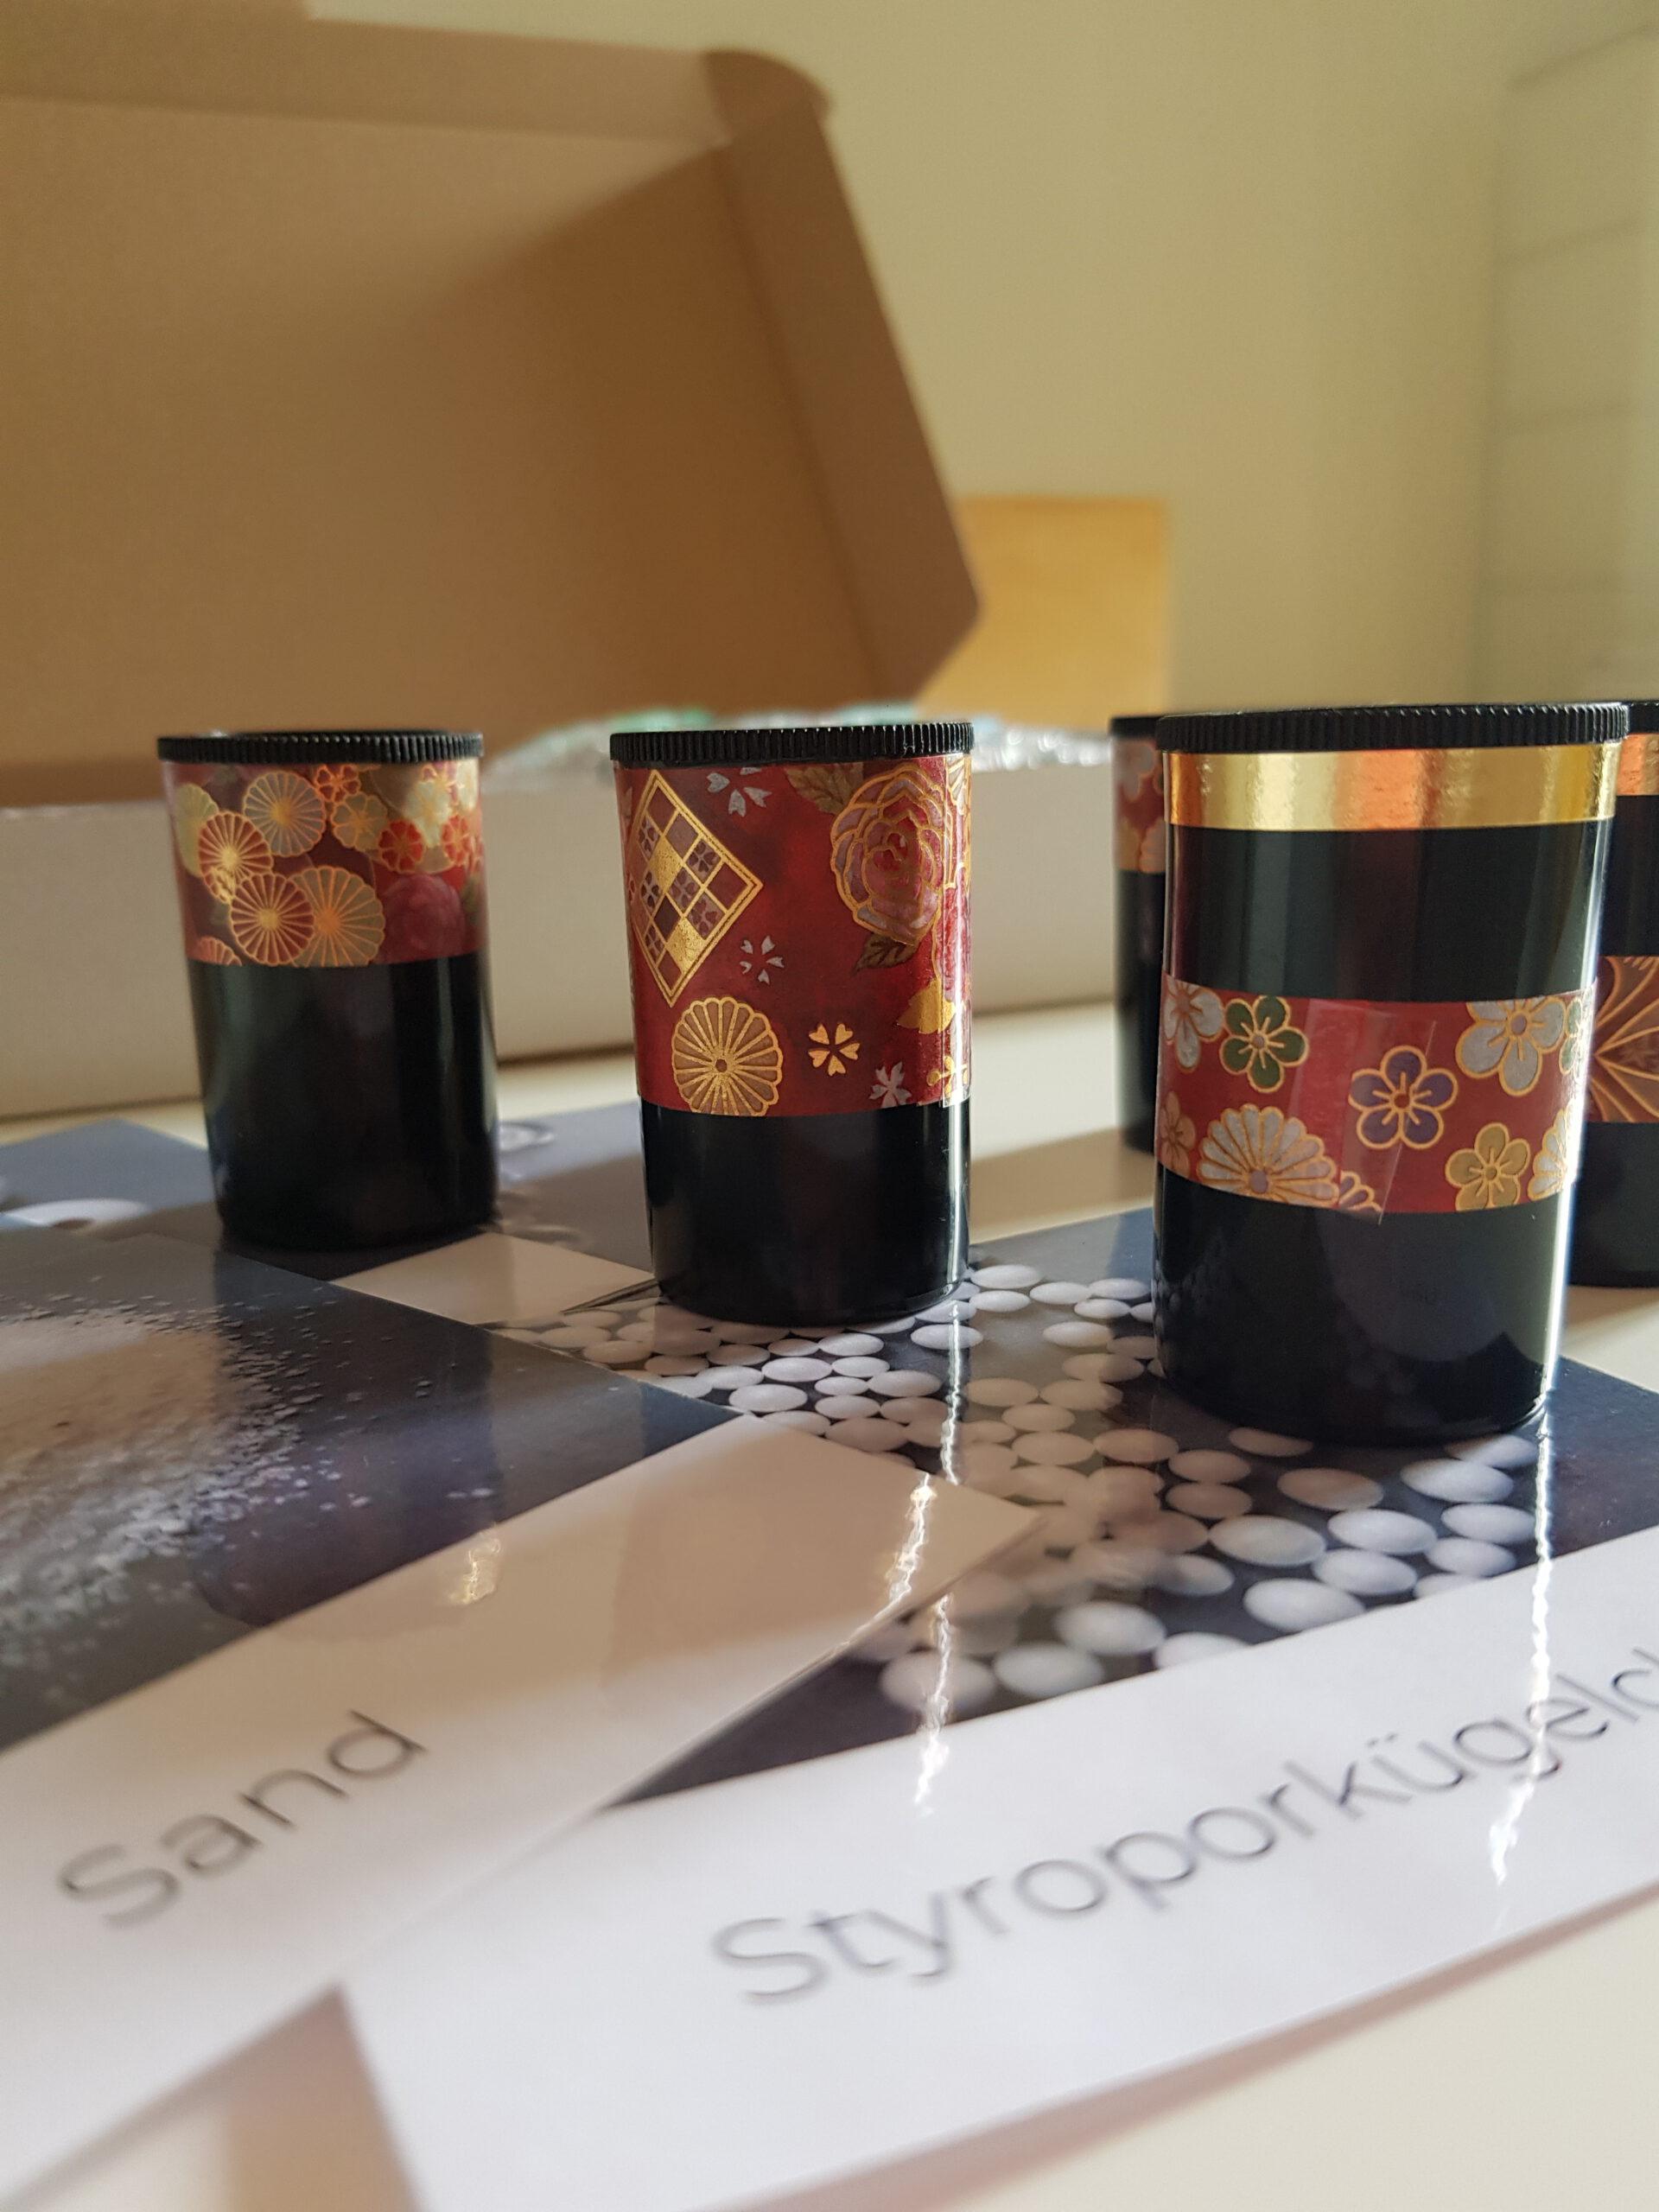 Das Bild zeigt Teile des Geräusche-Memorys. Zu sehen sind schwarze verzierte Filmdosen. Darunter liegen laminierte Spielkarten. © Servicestelle Jugendbeteiligung e.V., 2021